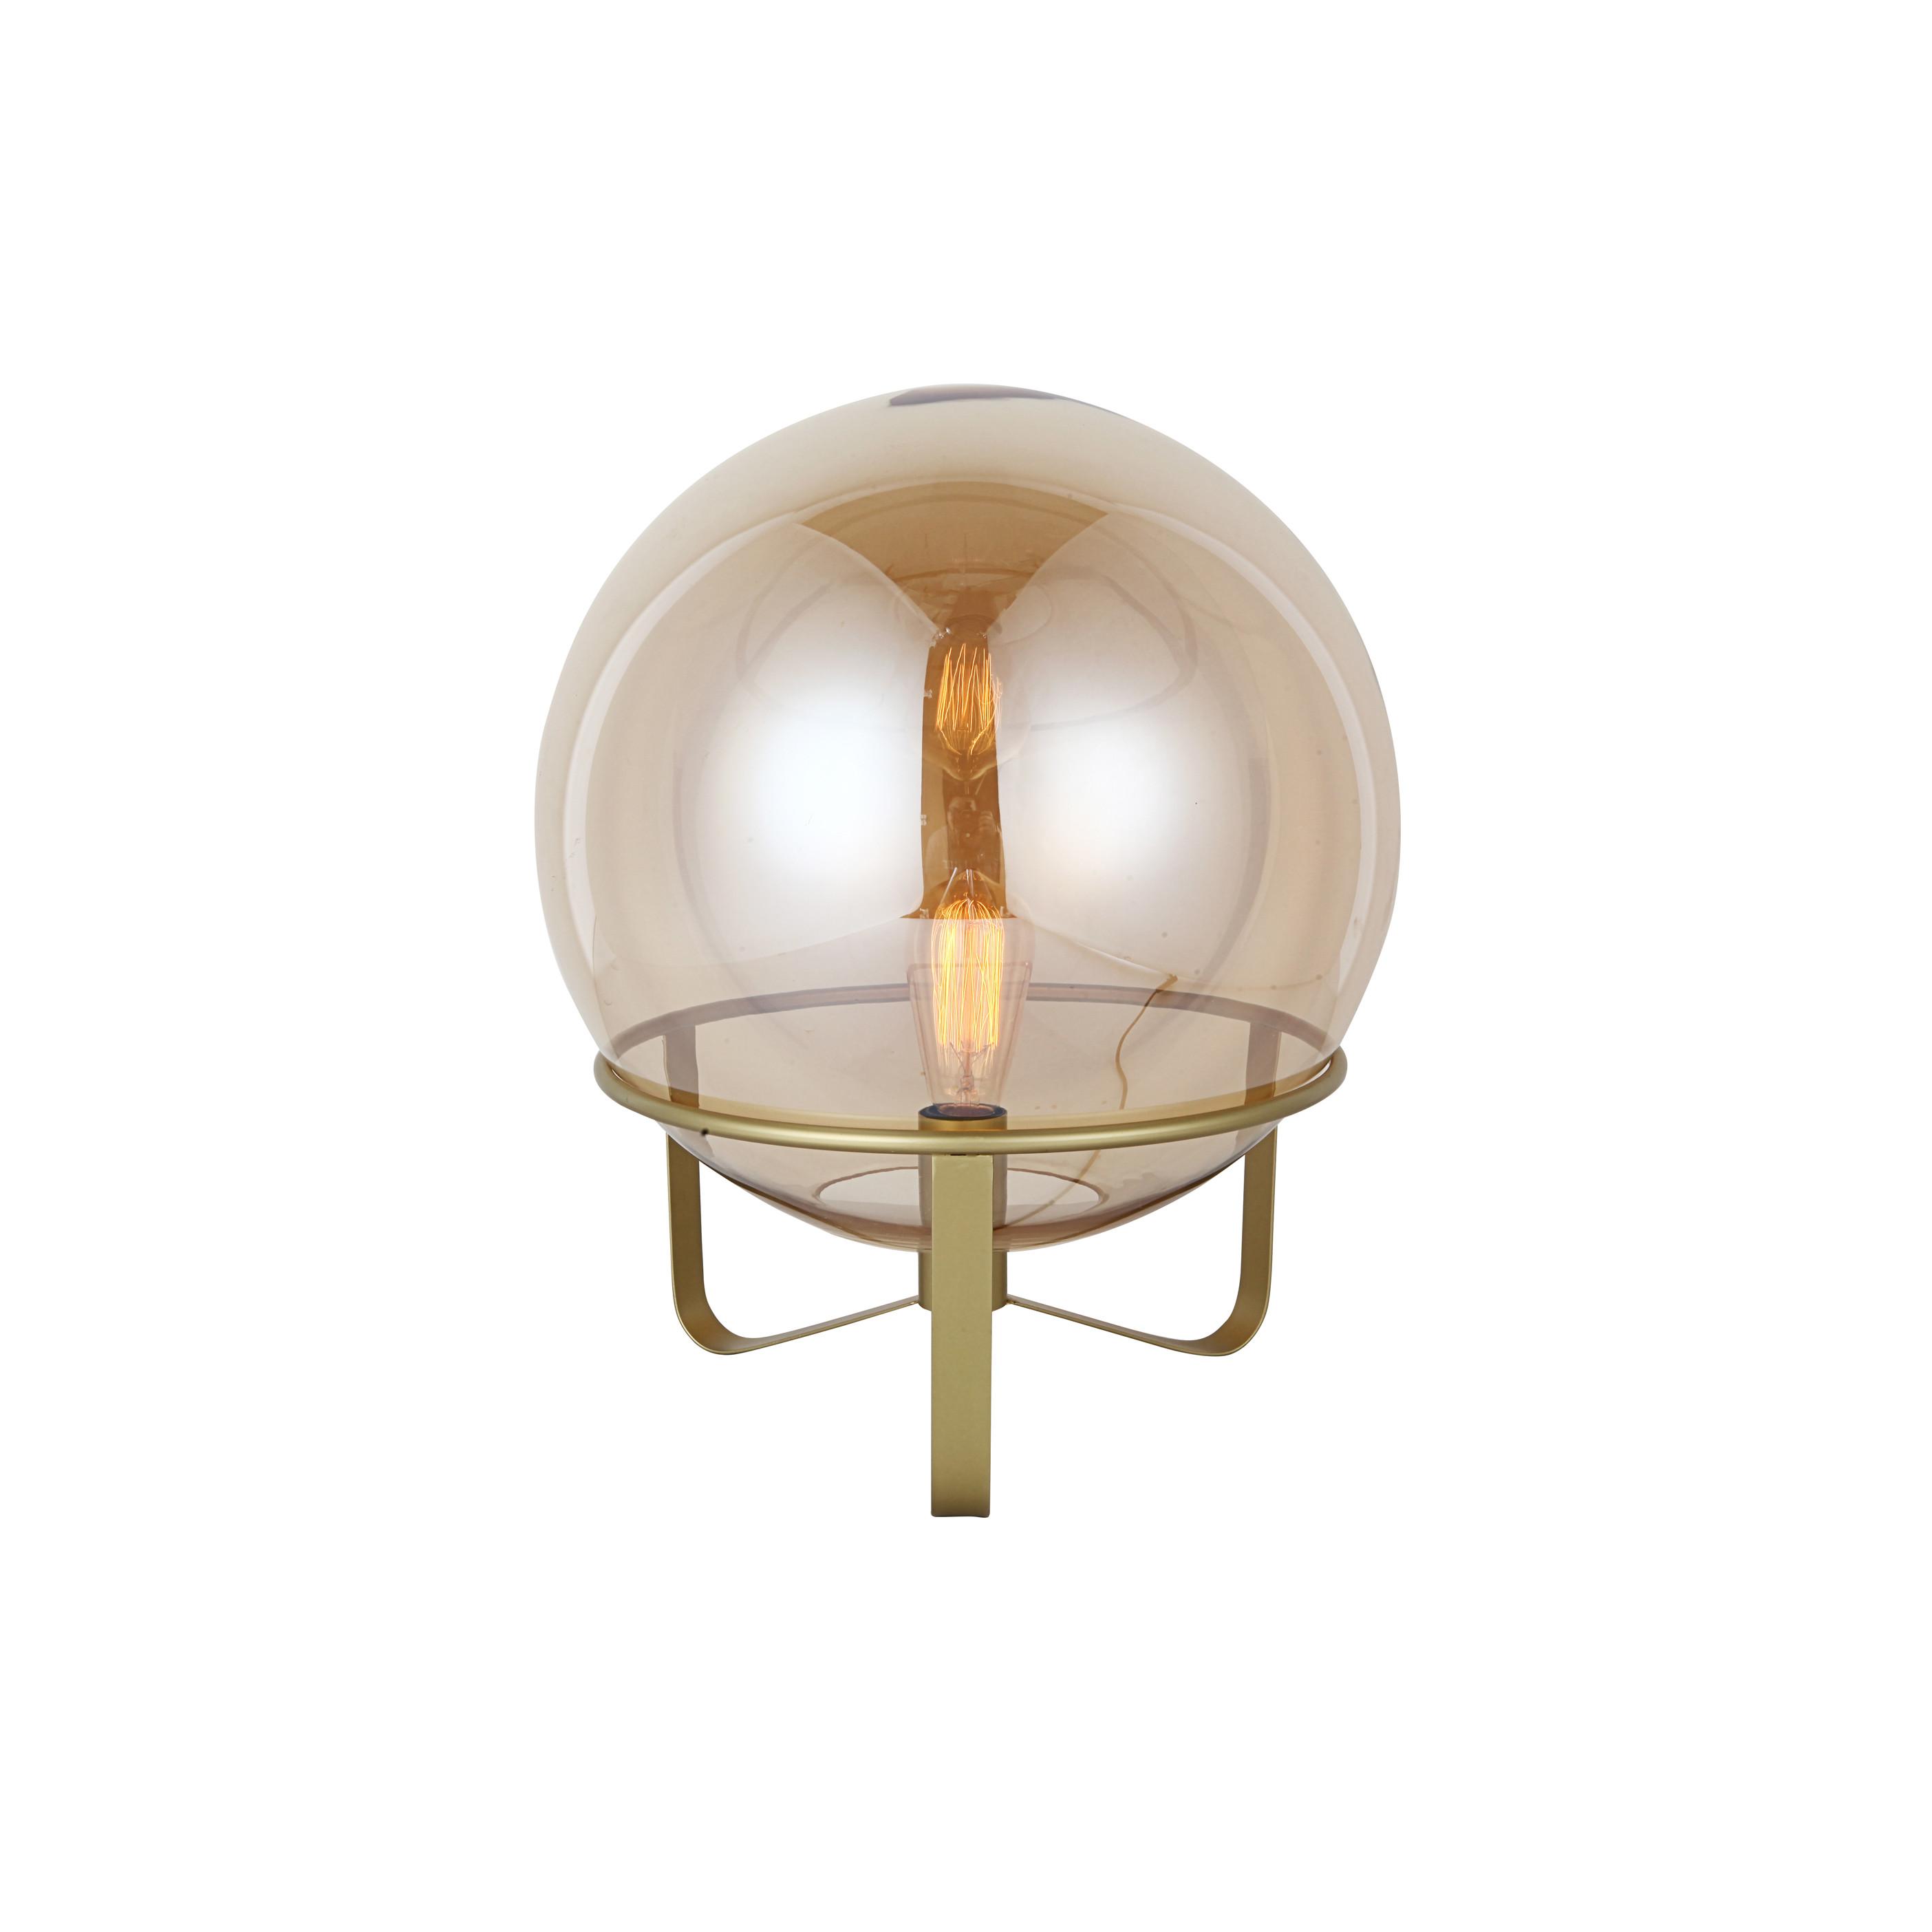 Đèn bàn JYSK Lolland sắt/thủy tinh màu vàng kèm bóng DK40x46cm